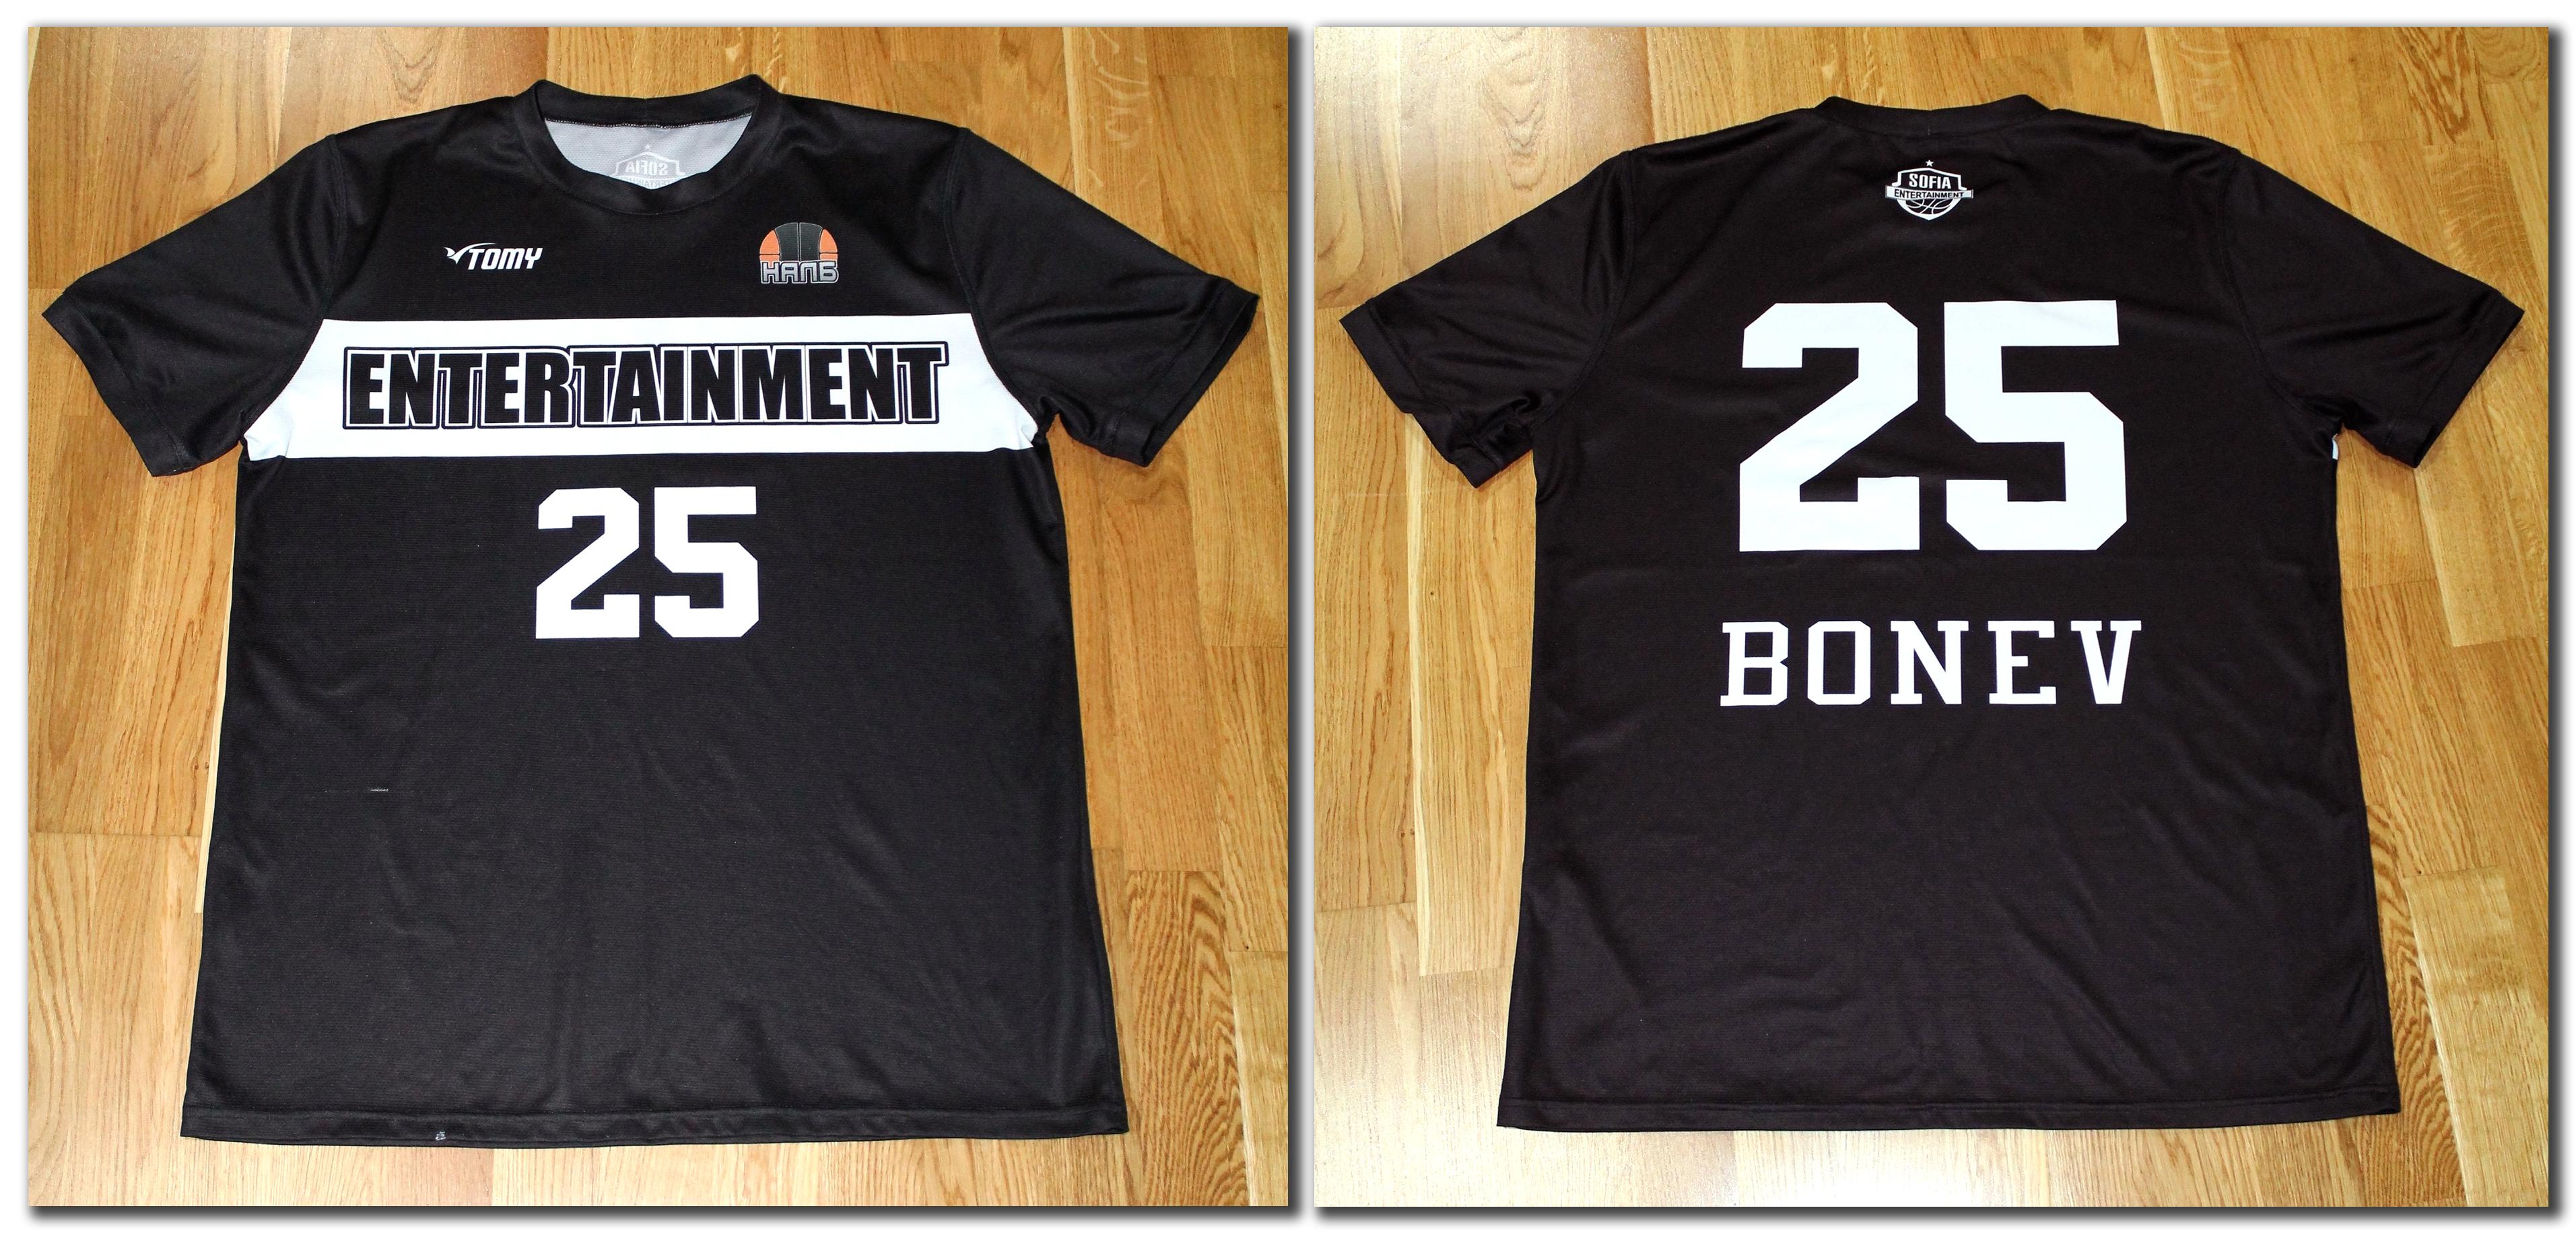 Тениска за загрявка (първи вариант) - 25.00 лева*